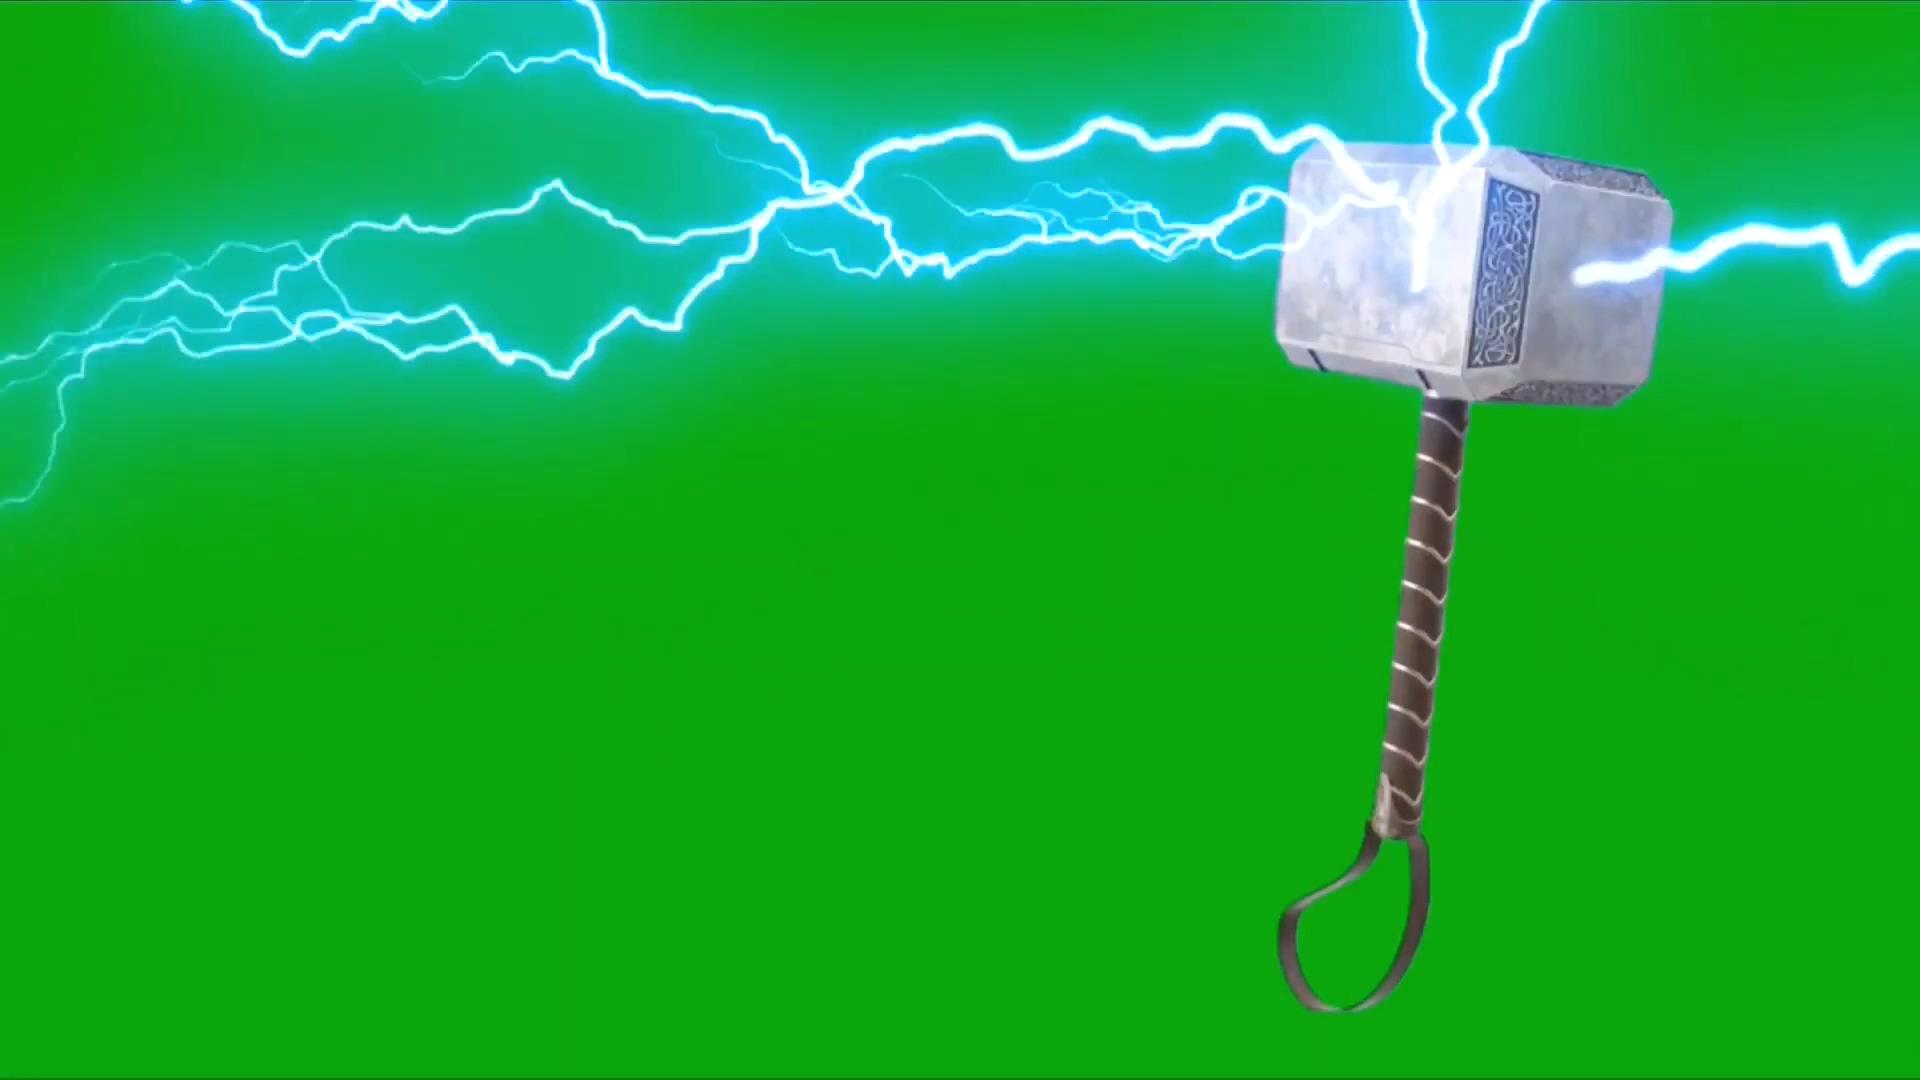 绿屏抠像雷神之锤